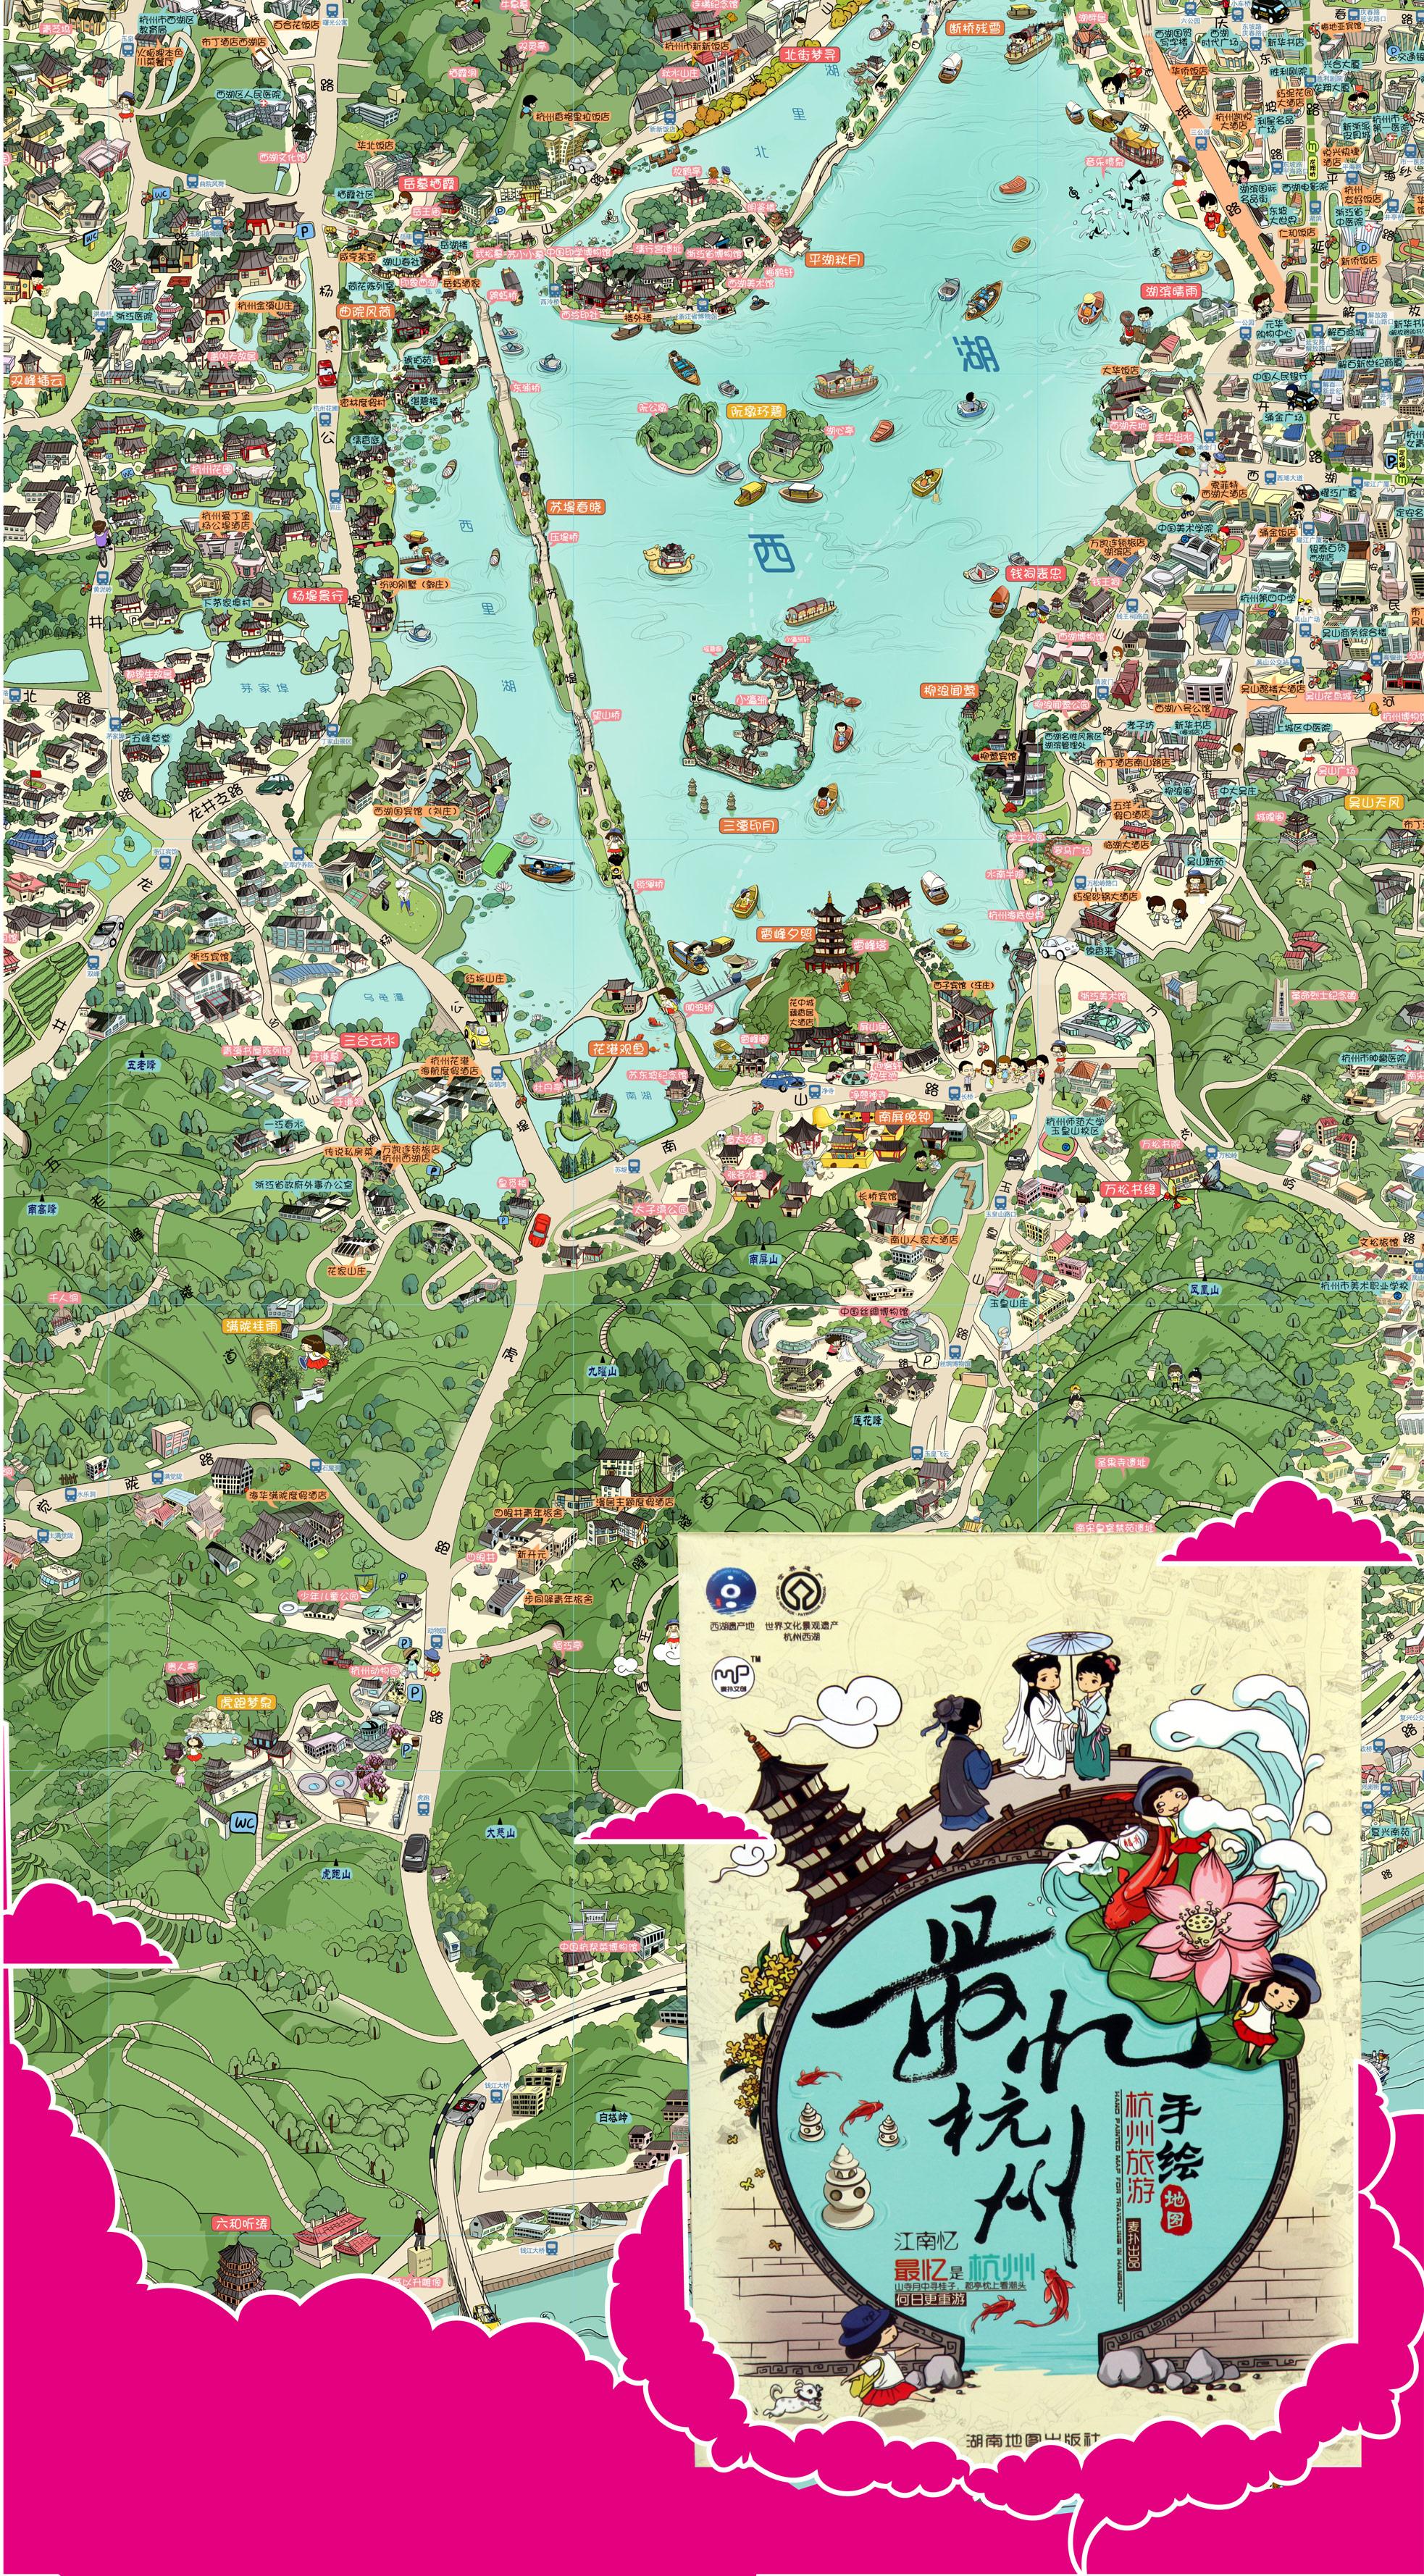 福利:杭州全市景点手绘地图